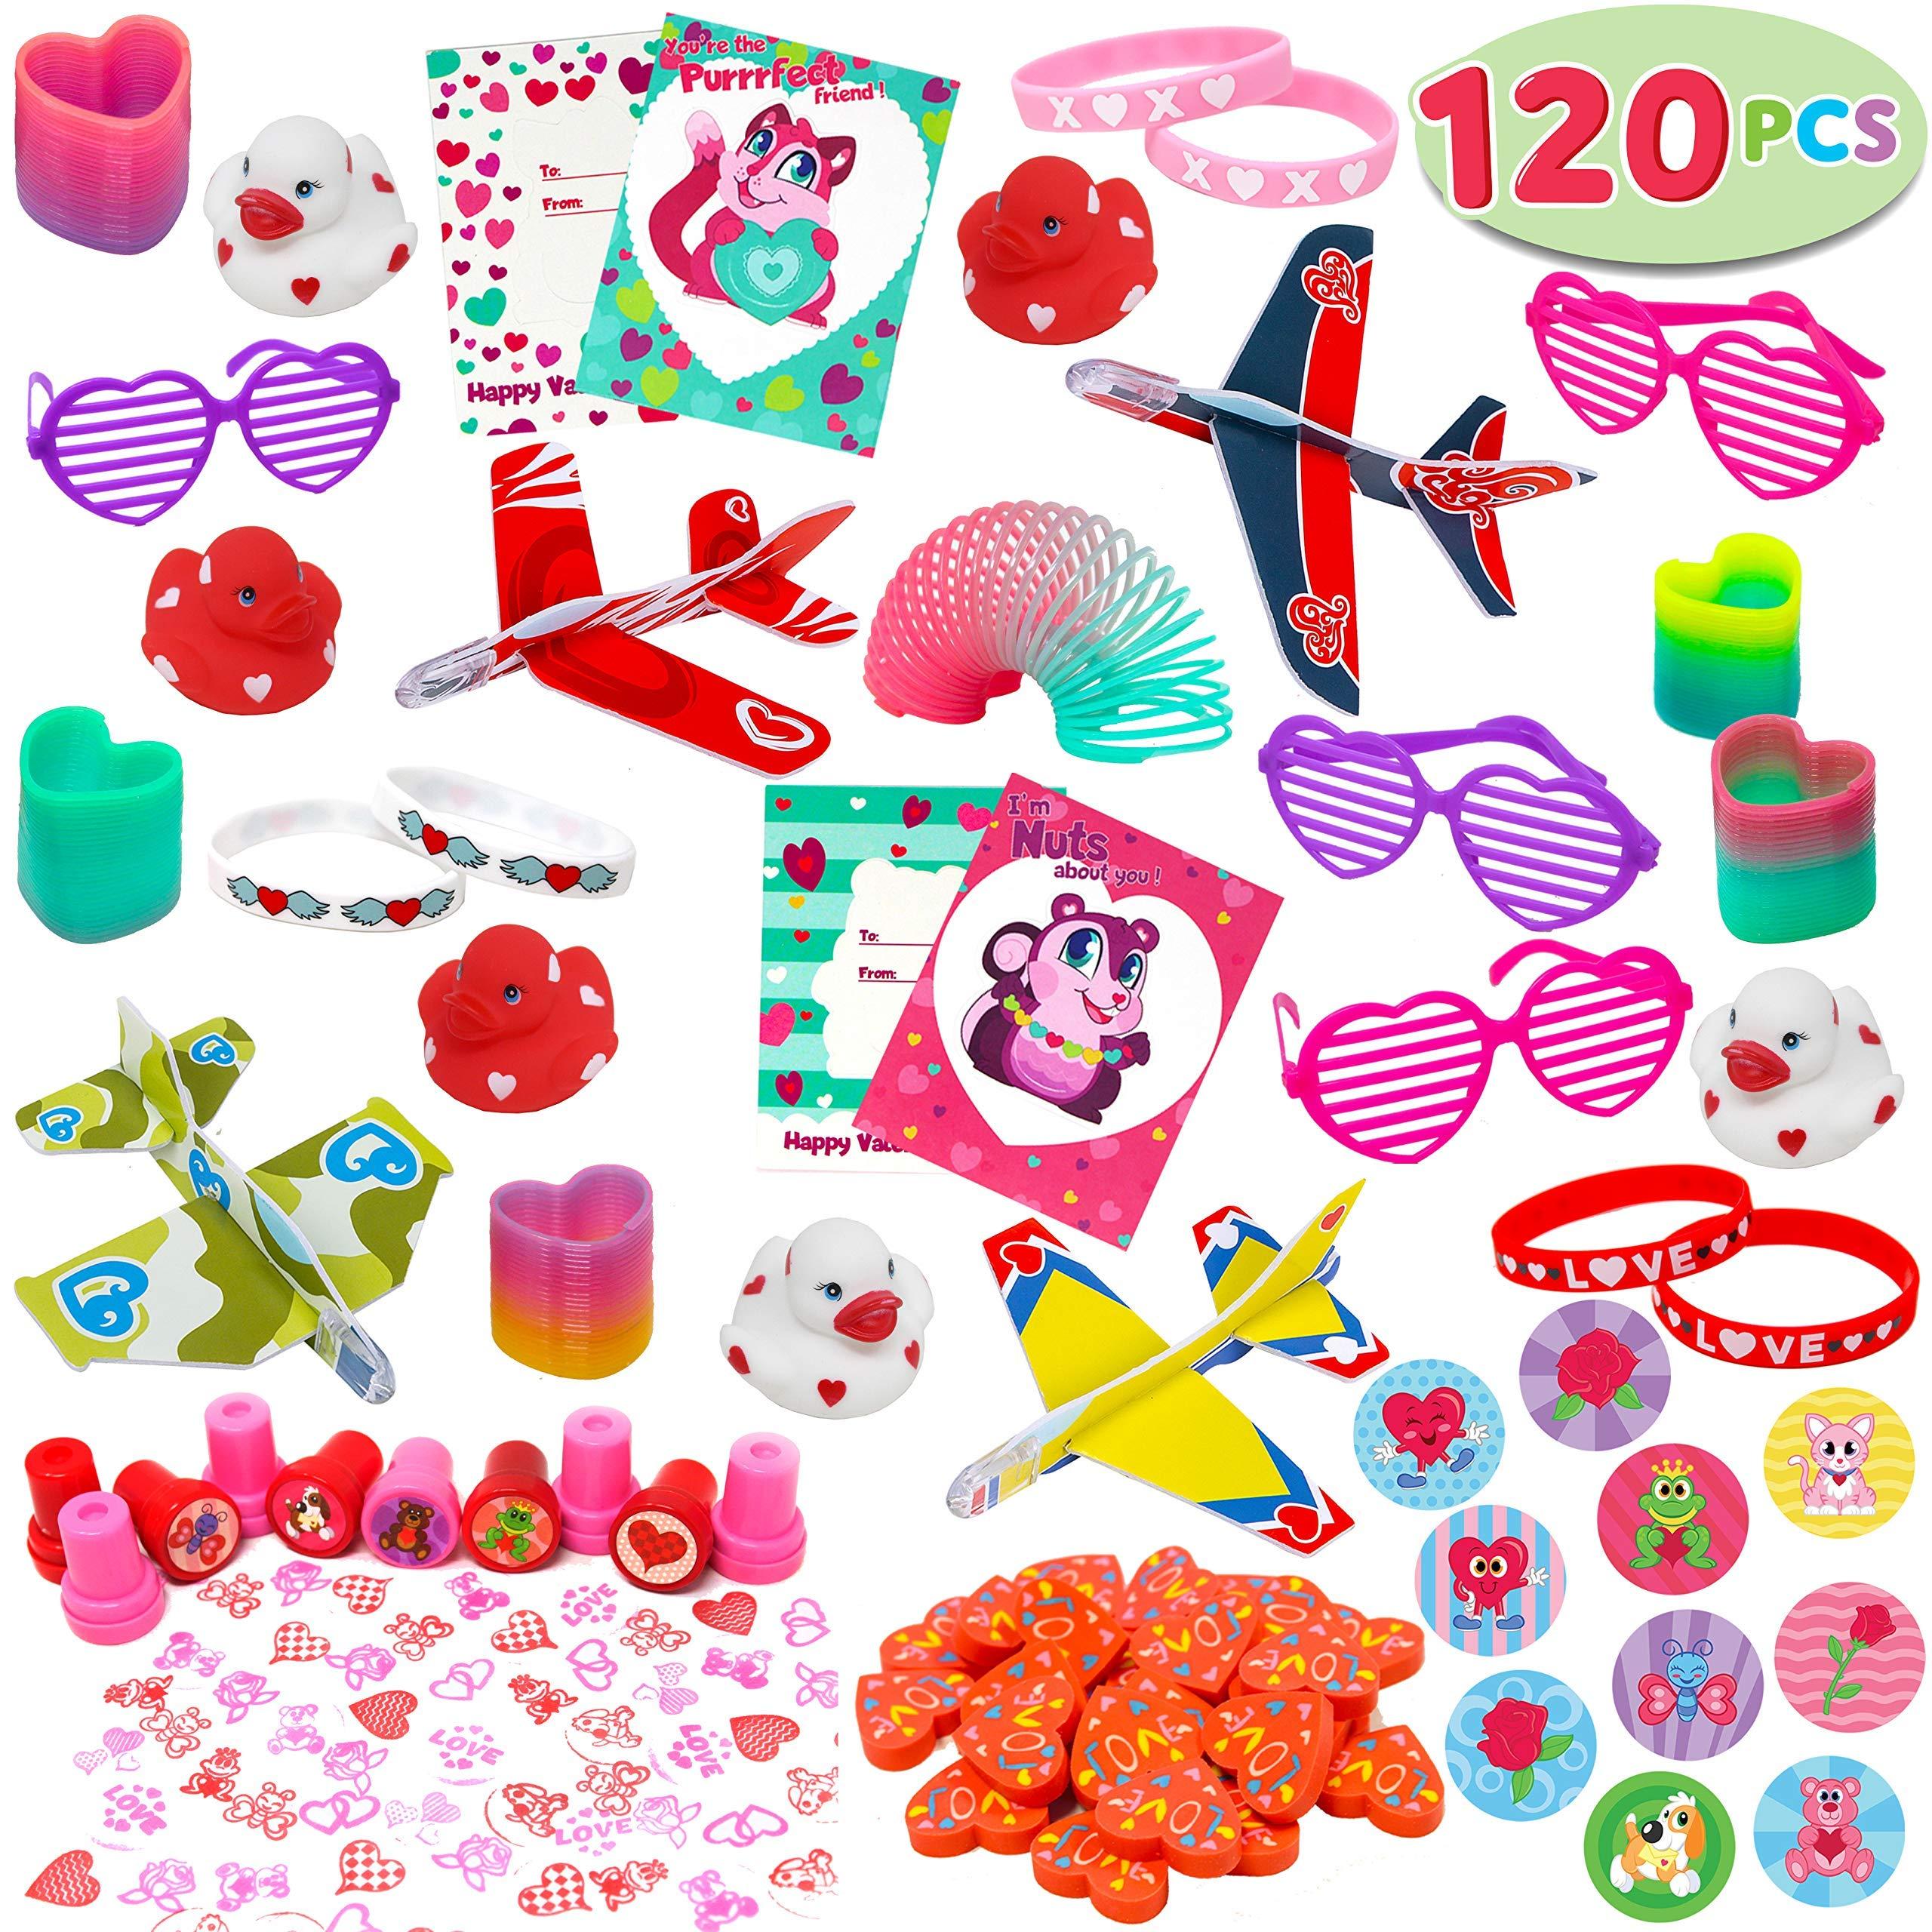 120 + 件情人节派对礼品套装包括心形眼镜、手链、儿童书签、学前装饰、照片道具、婚礼、婴儿洗礼和学校课堂*品。